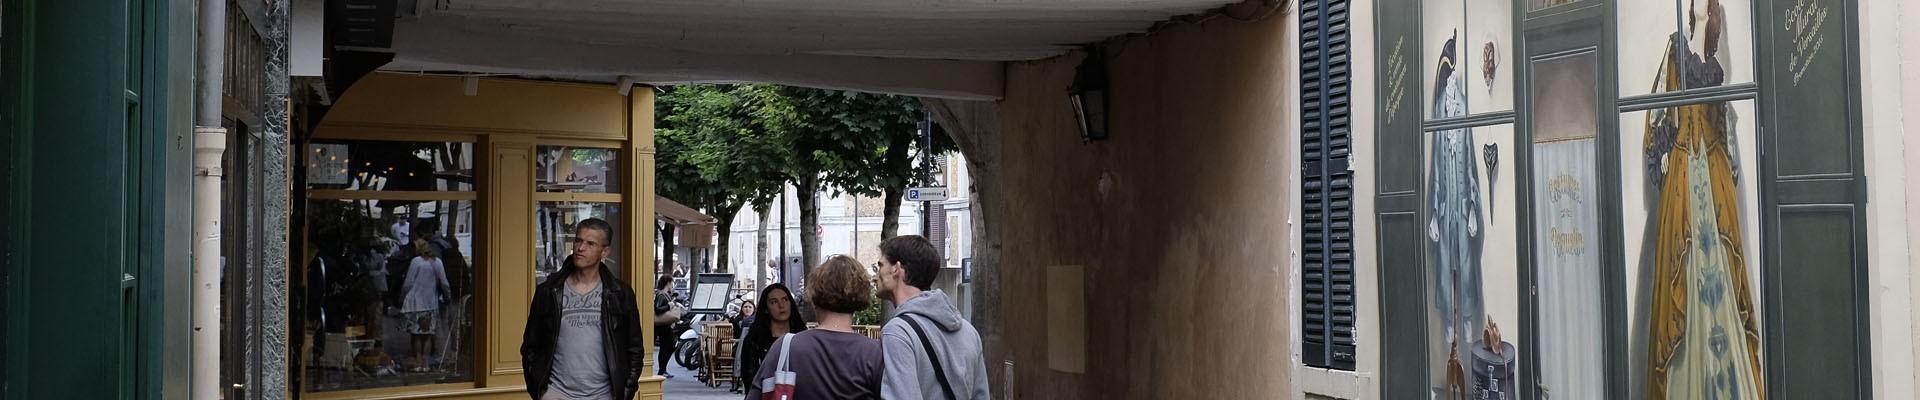 explorer-versailles-versailles-ville-d-art-20